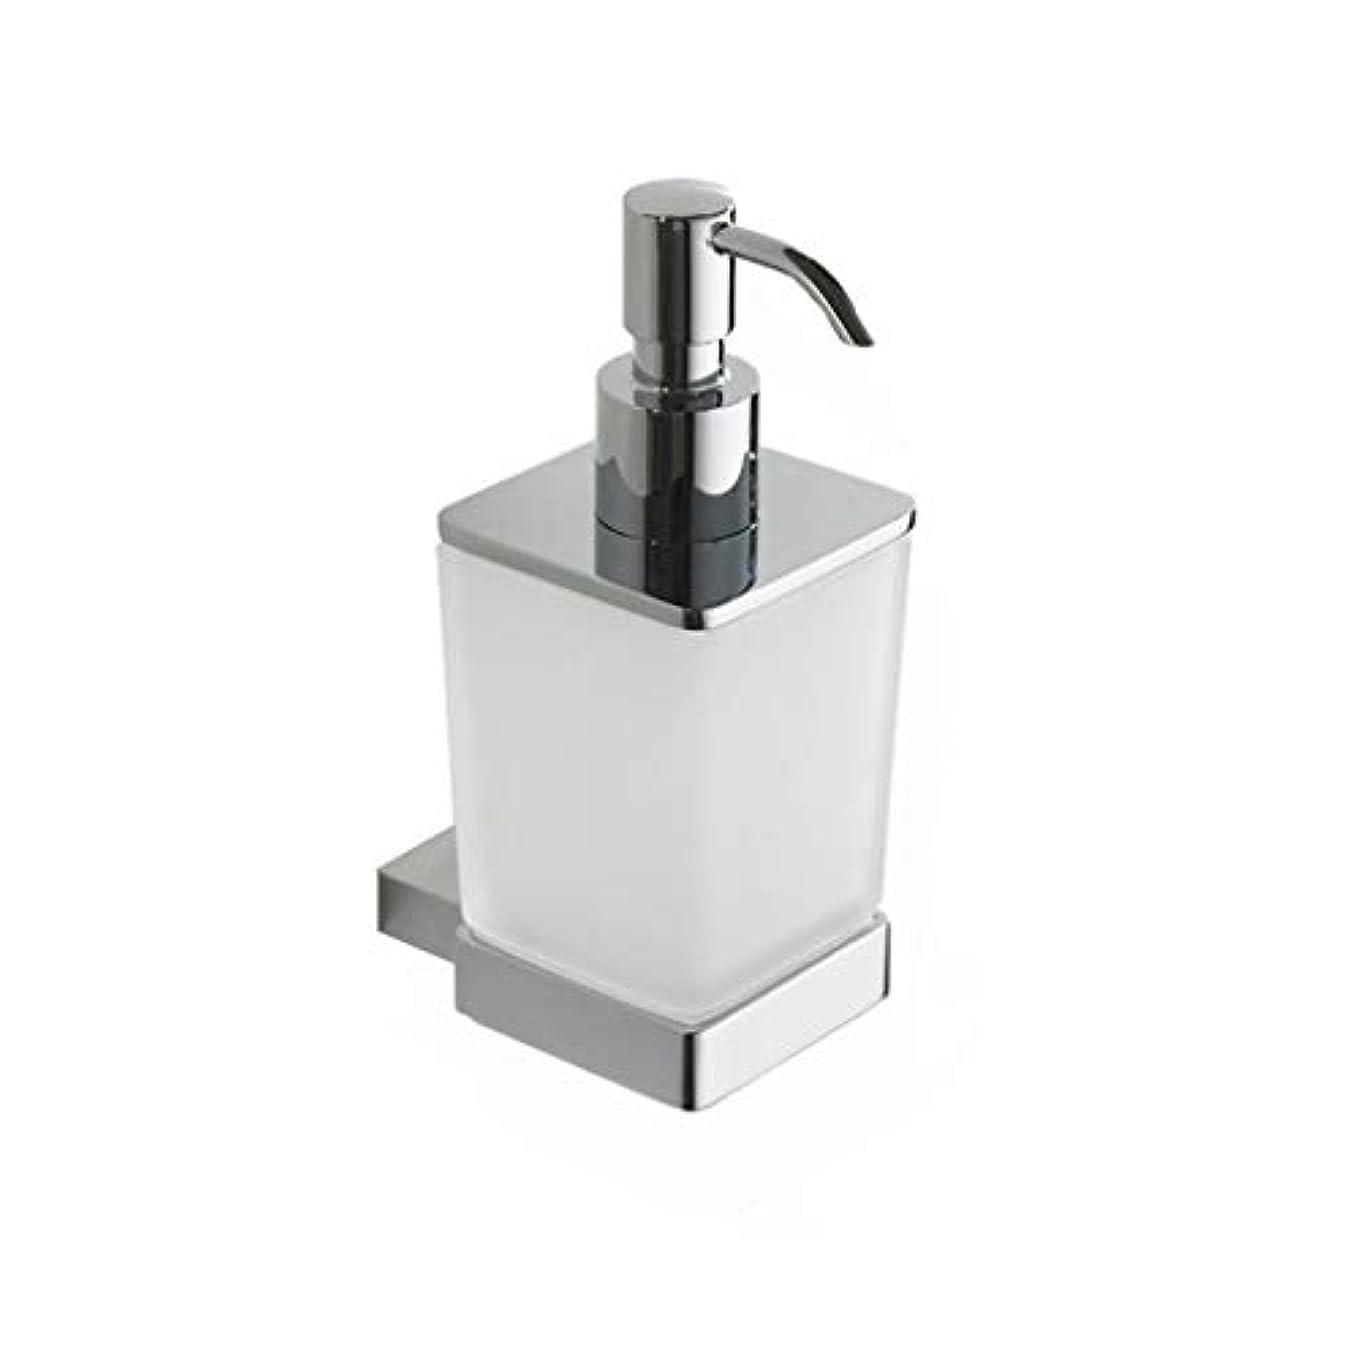 慎重到着不合格Kylinssh 、浴室のための金属の詰め替え式液体手の石鹸ディスペンサーポンプボトル - 安い、ディスカウント価格また手の消毒剤及び精油のために使用することができます